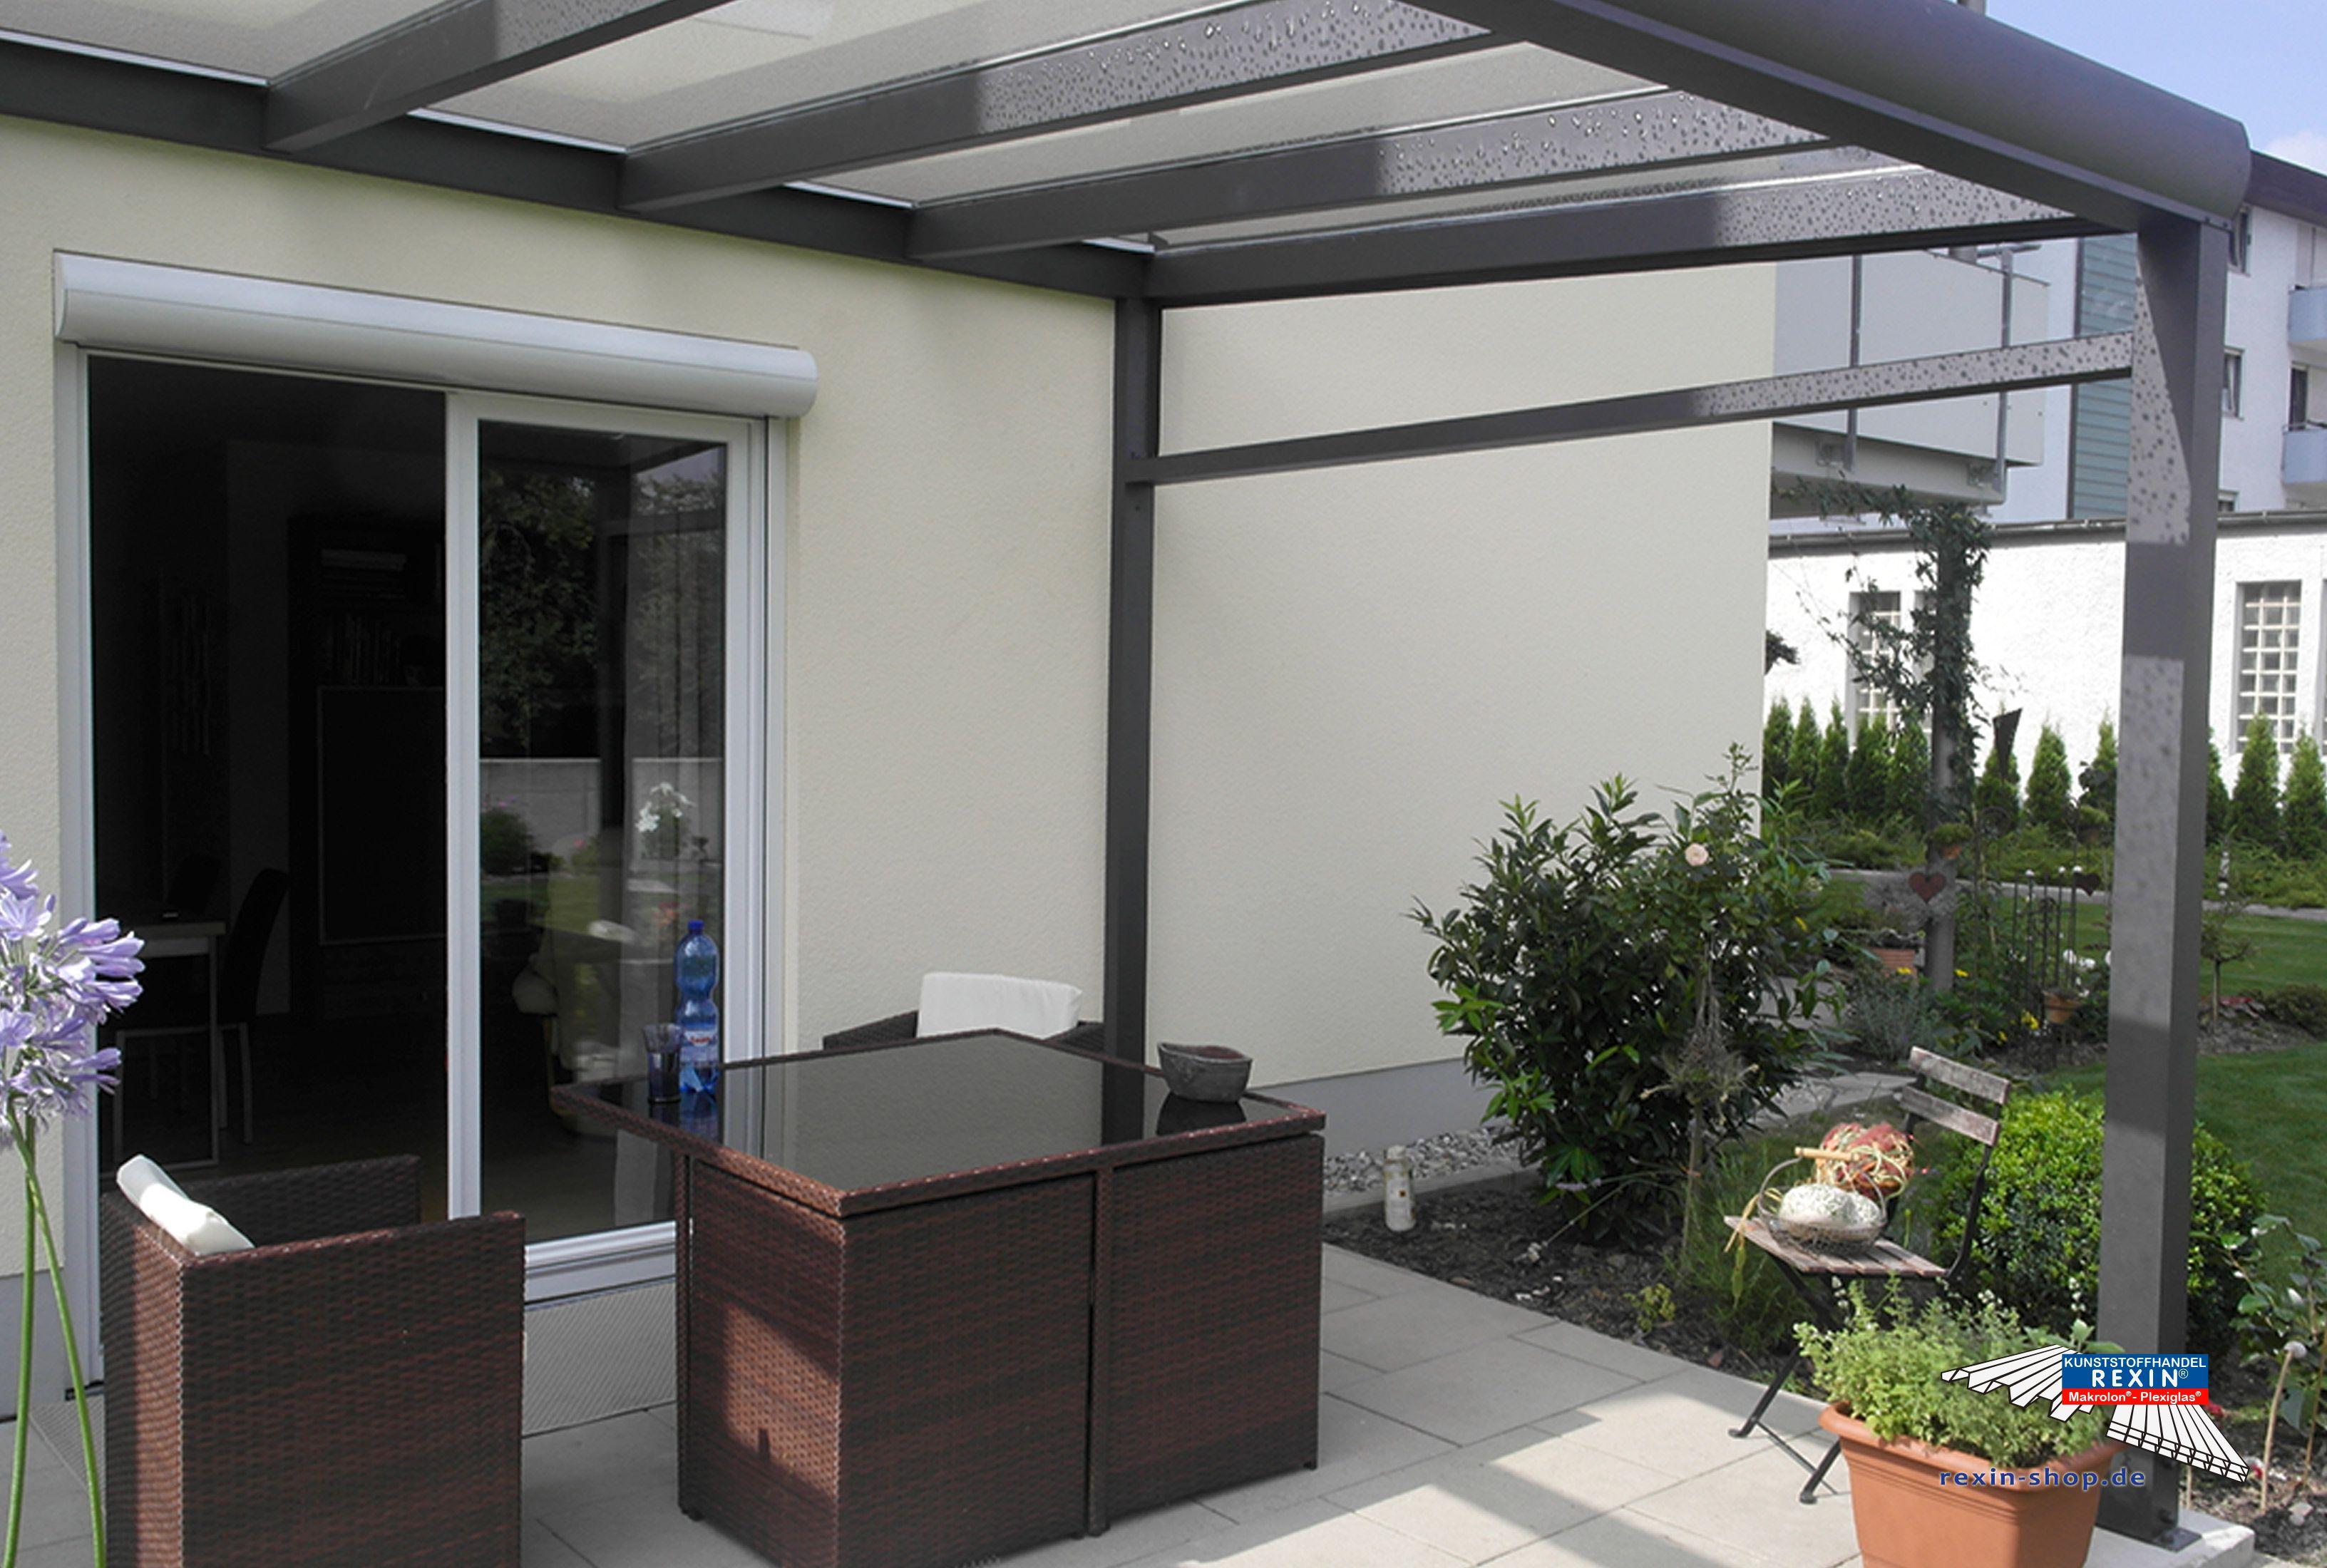 Alu Terrassendach Bausatz ~ Ein alu terrassendach der marke rexopremium titan 4m x 3m in